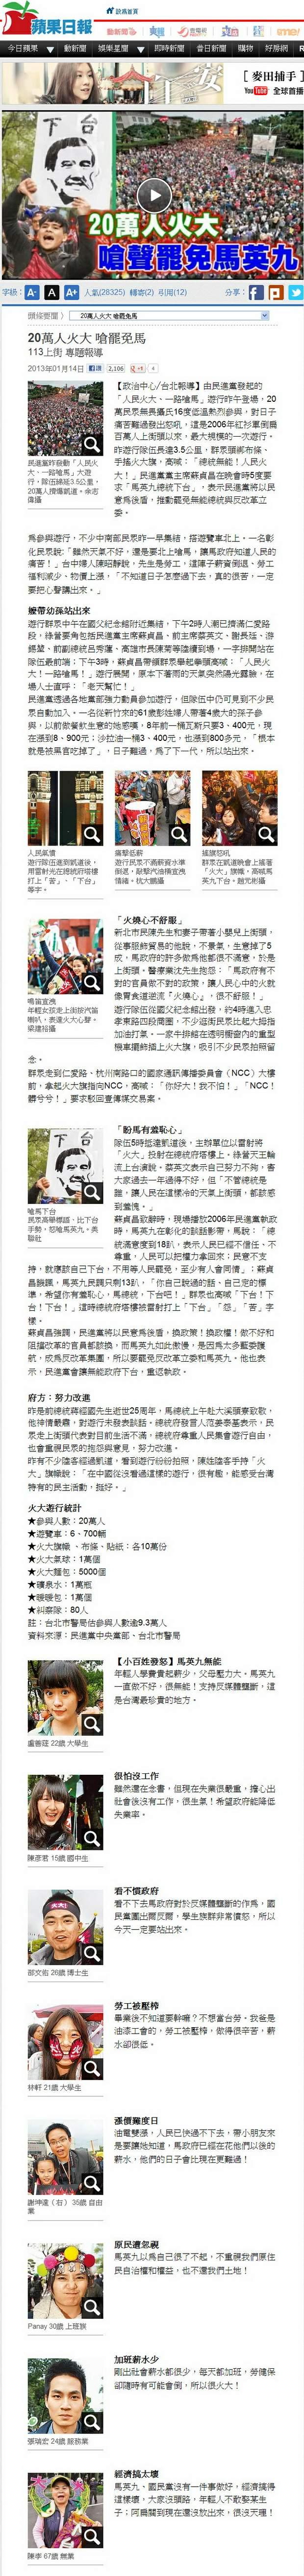 20萬人火大 嗆罷免馬-2013.01.14-01